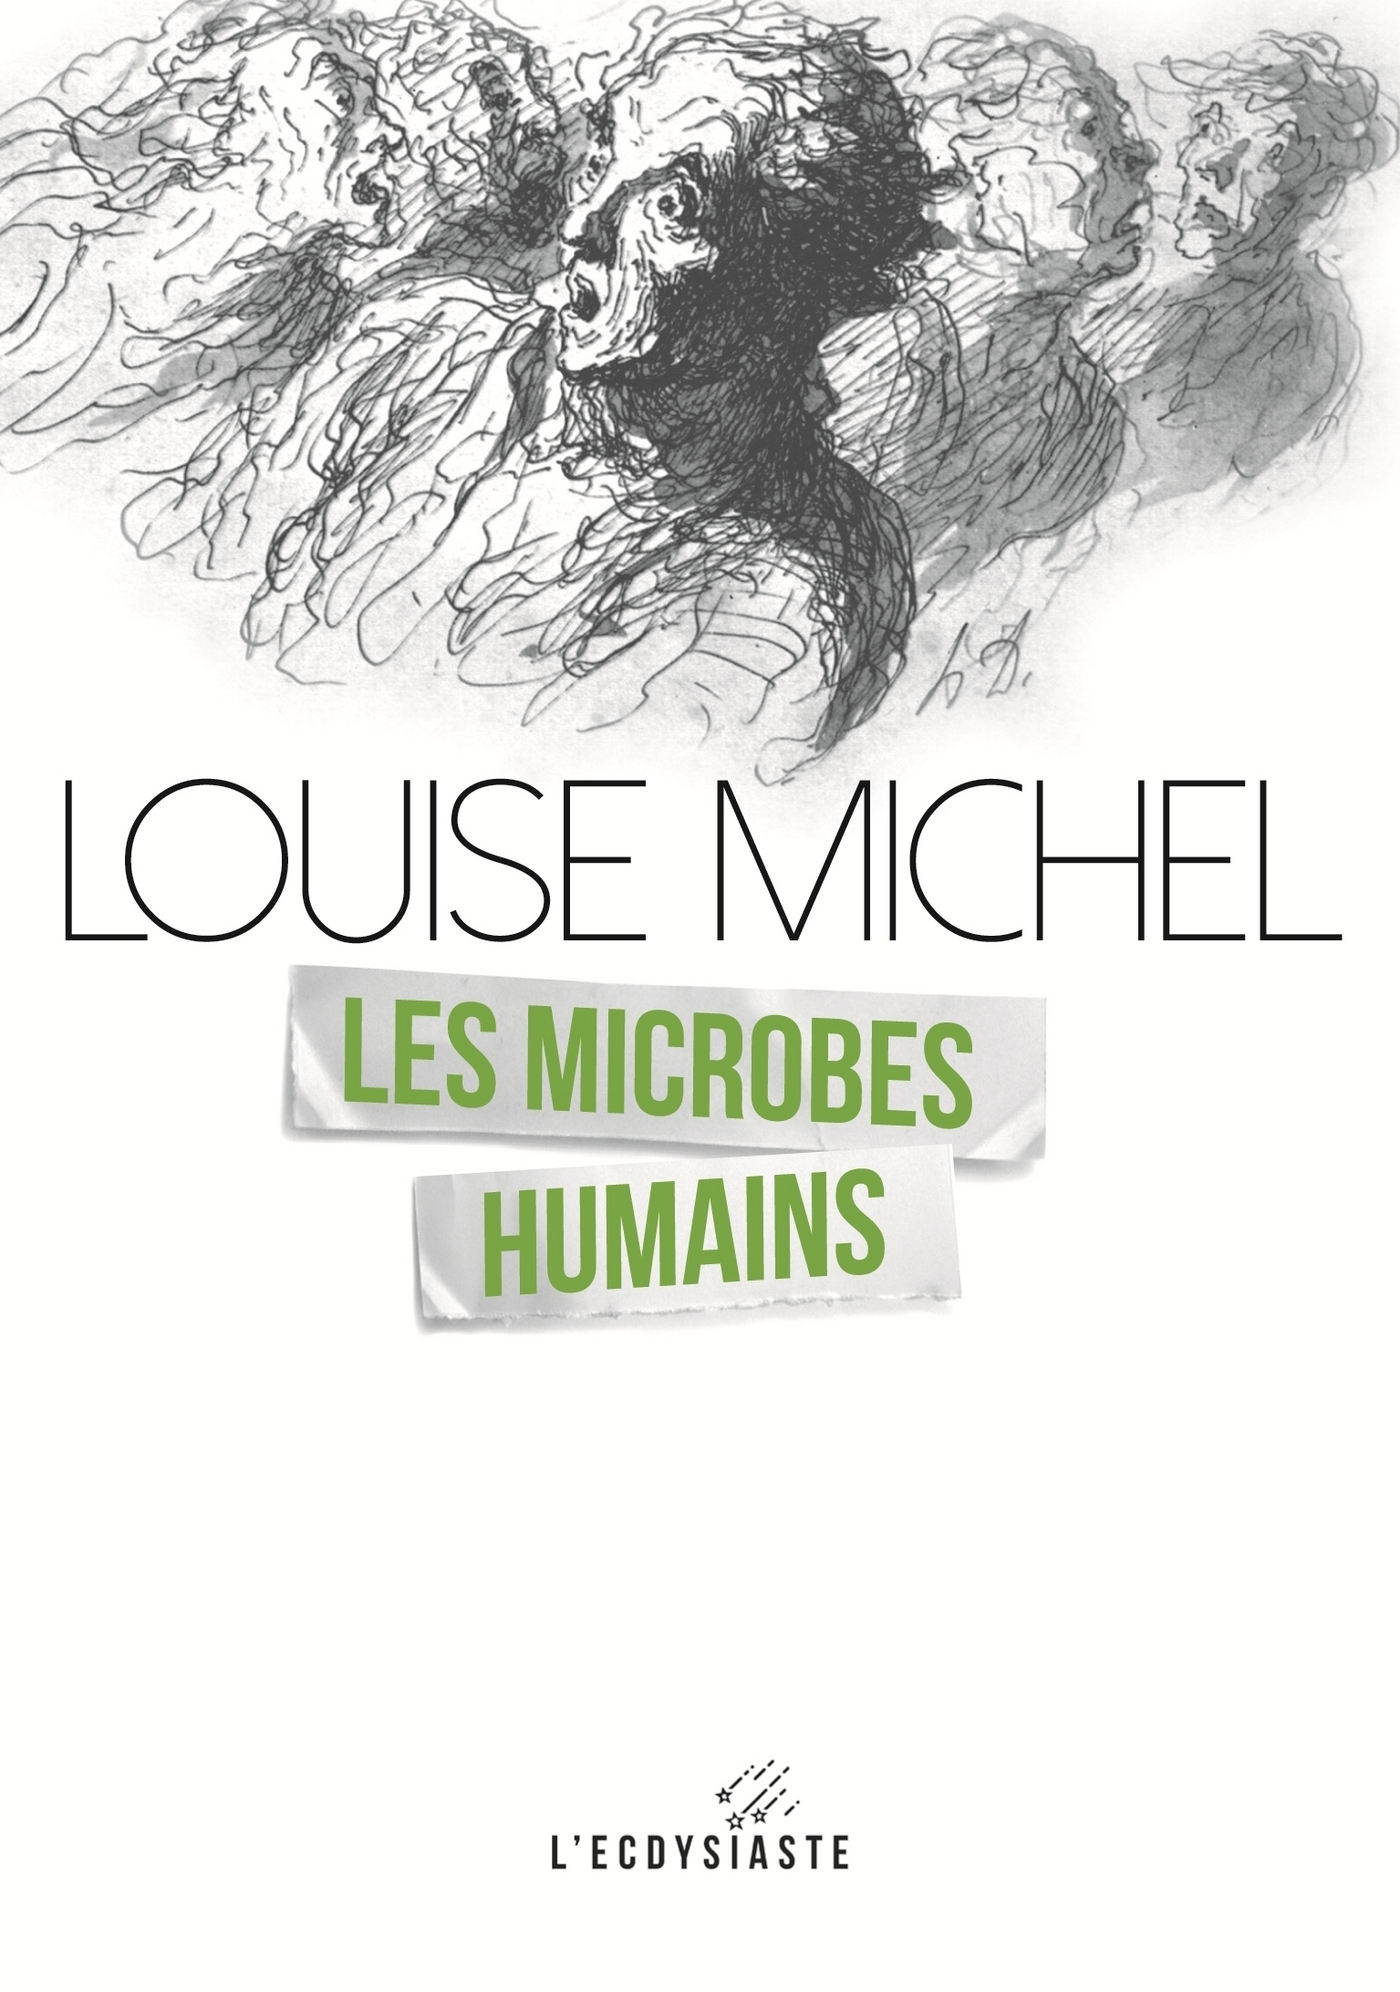 Les microbes humains